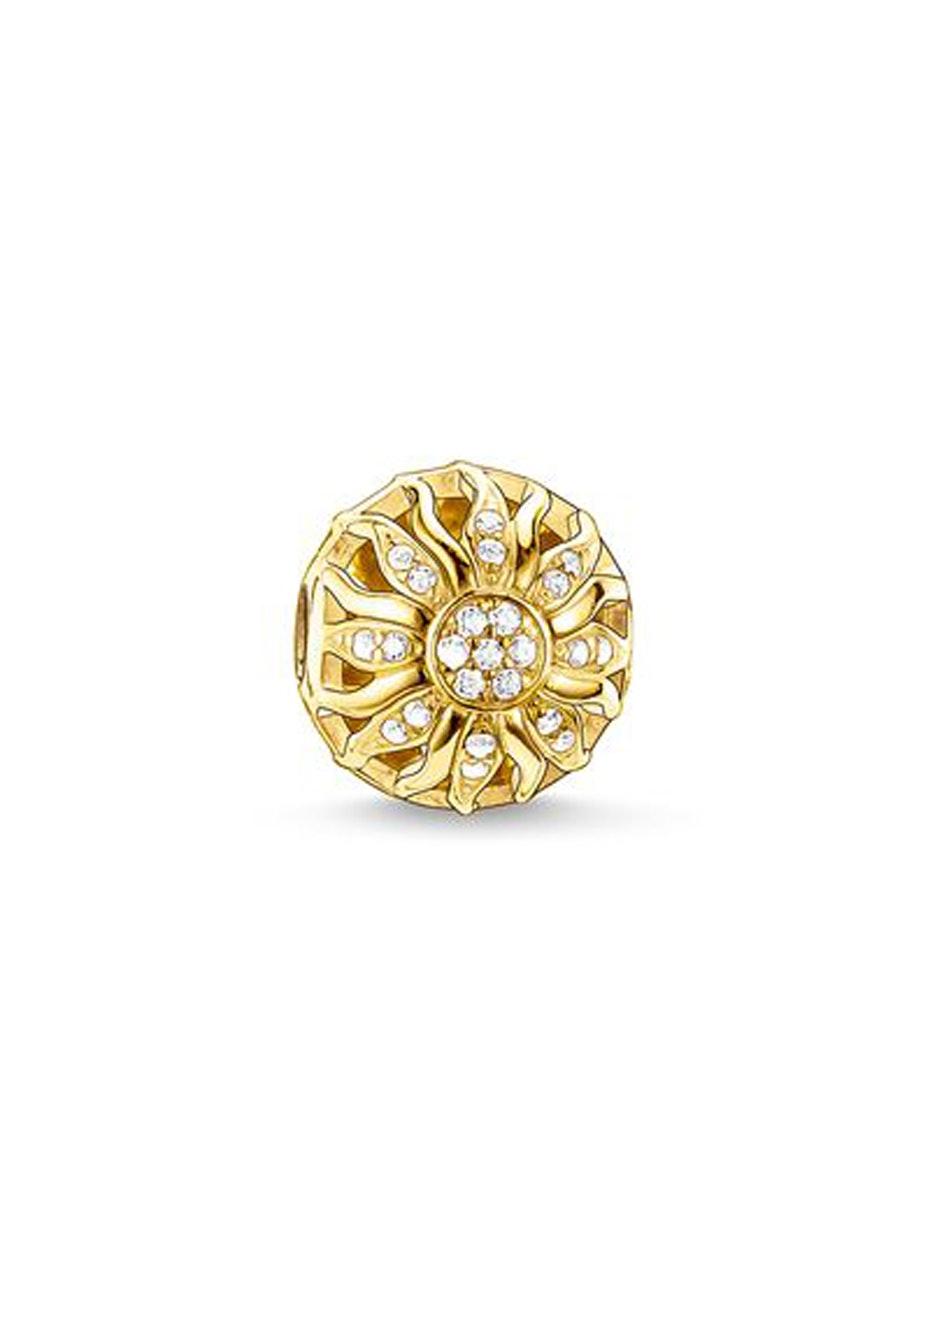 Thomas Sabo  - Karma Bead - Yellow Gold Plated Cz Sun